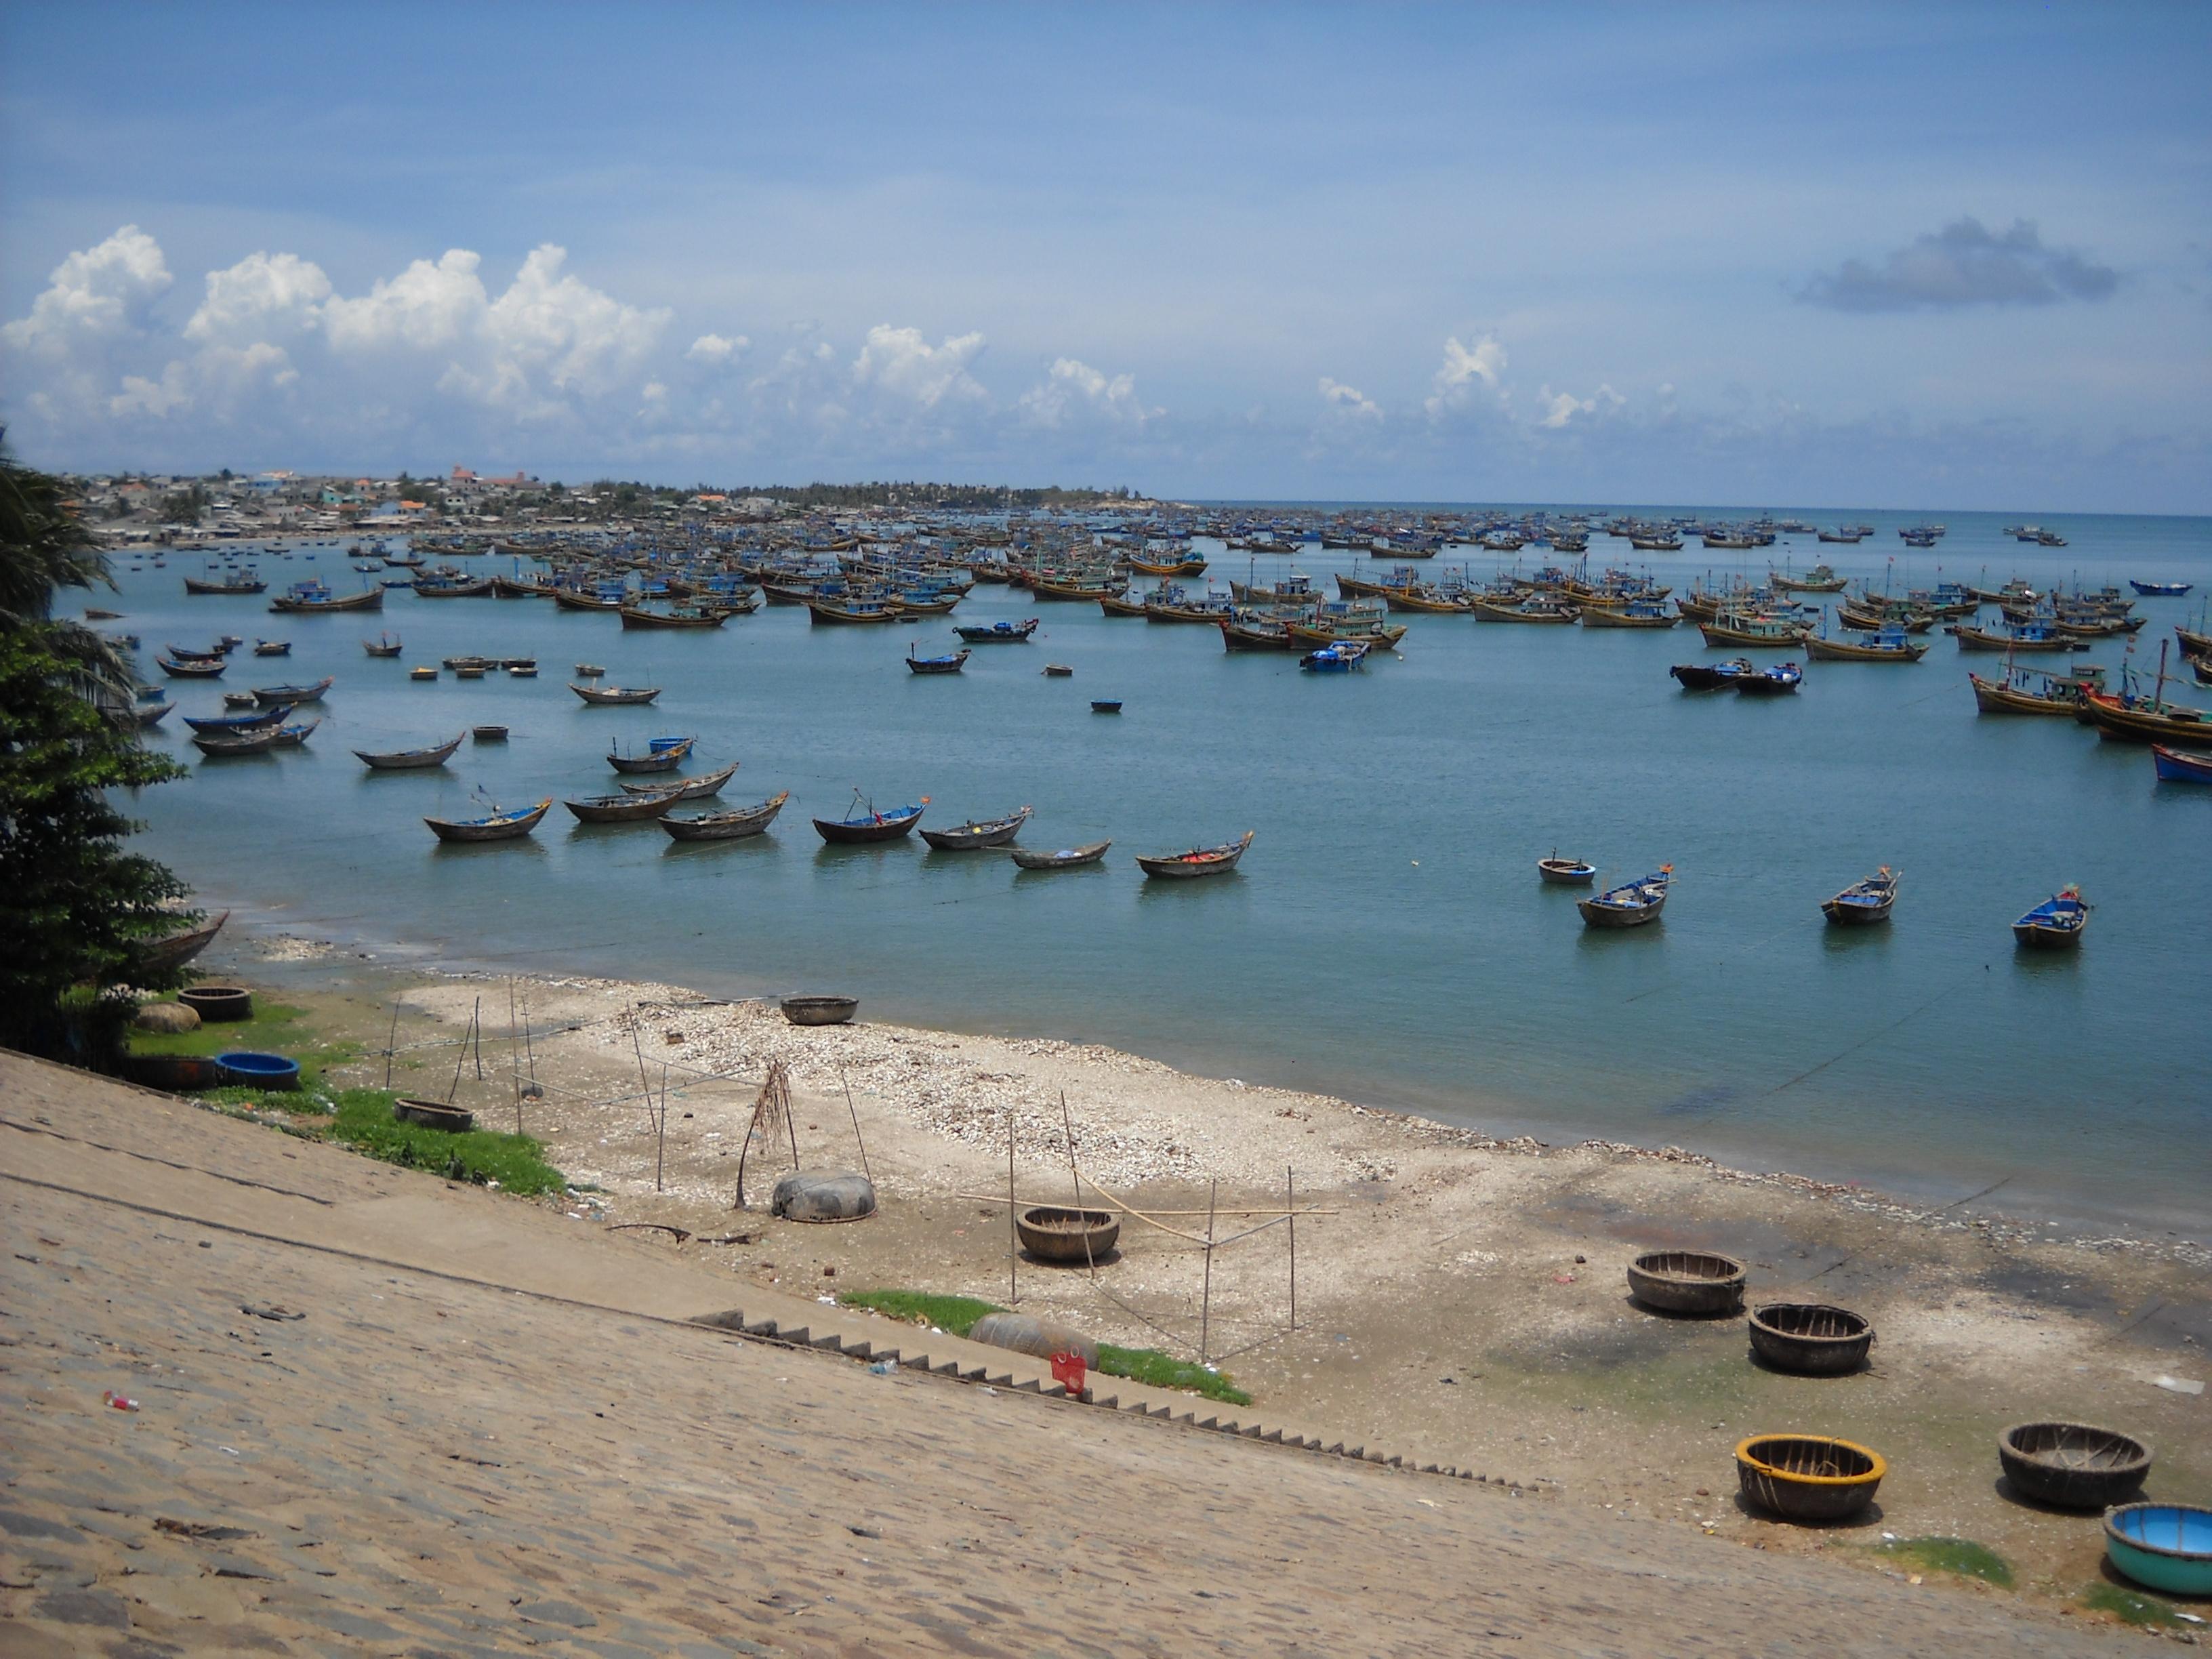 Bán nhớt Shell giá rẻ tại Bình Thuận